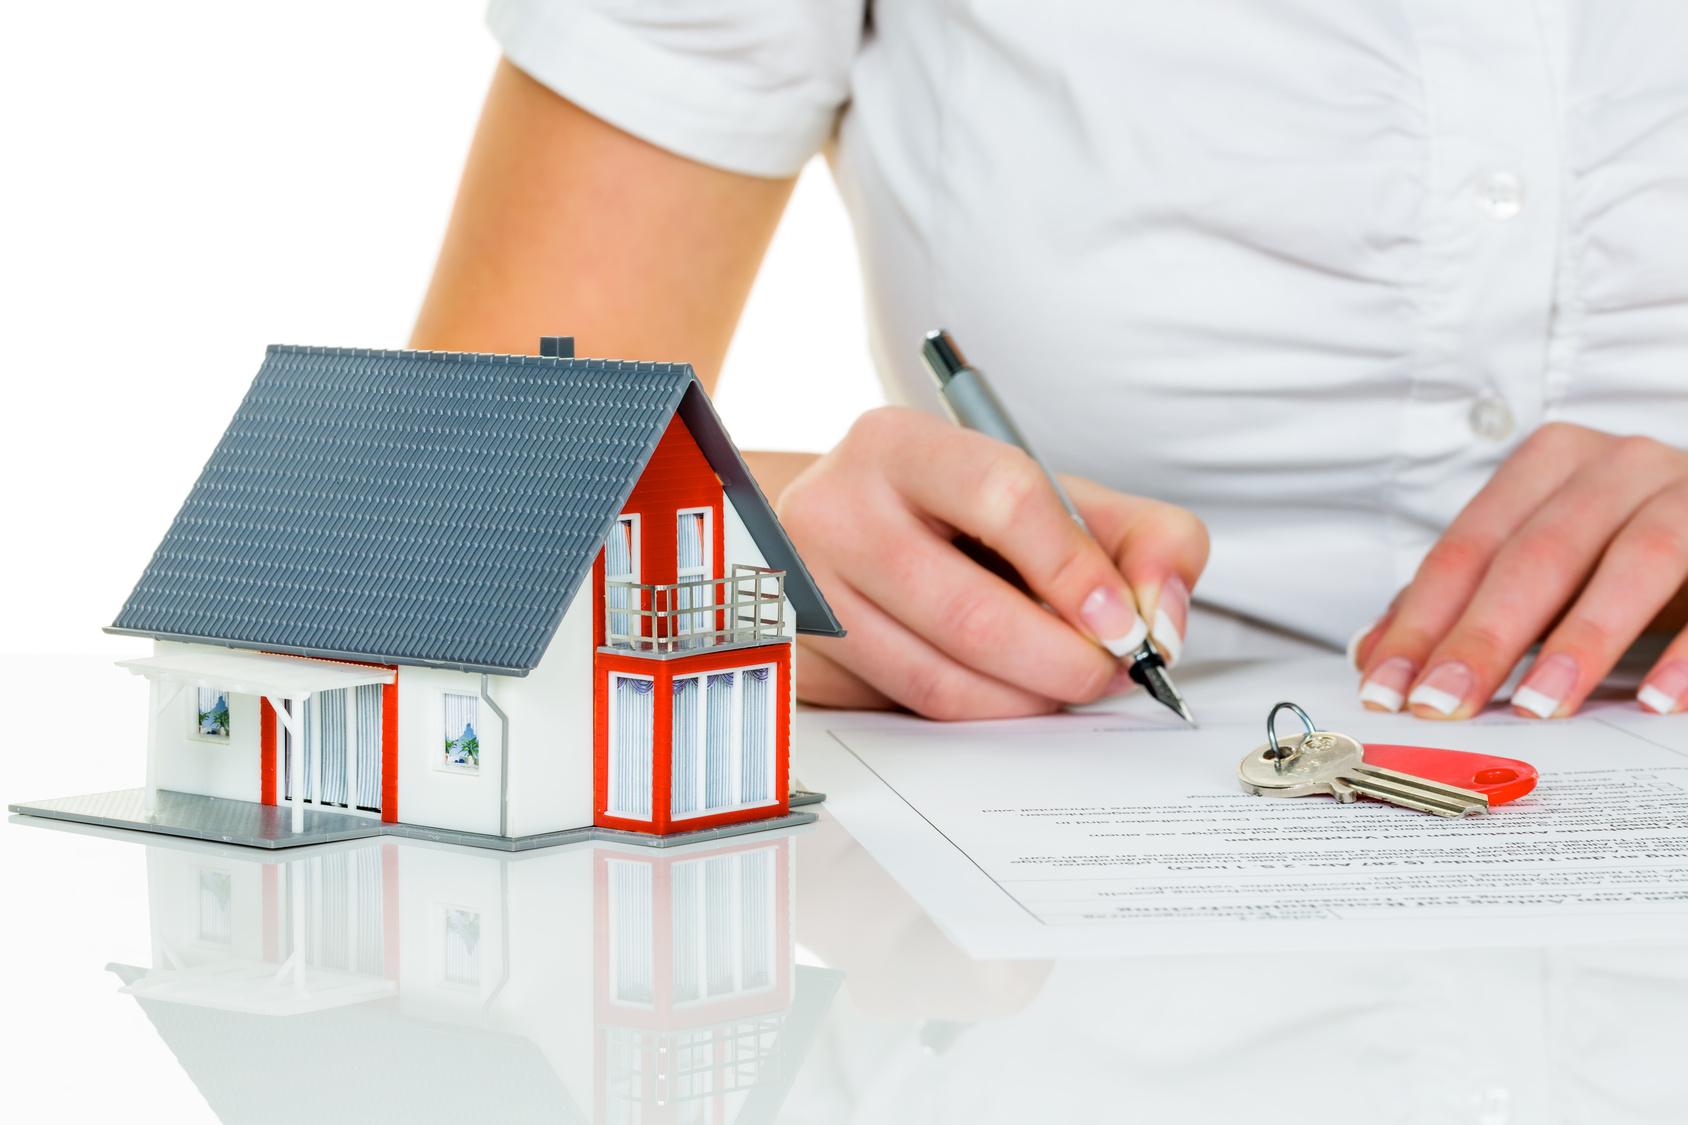 коротко оценка земельного участка по ипотеке